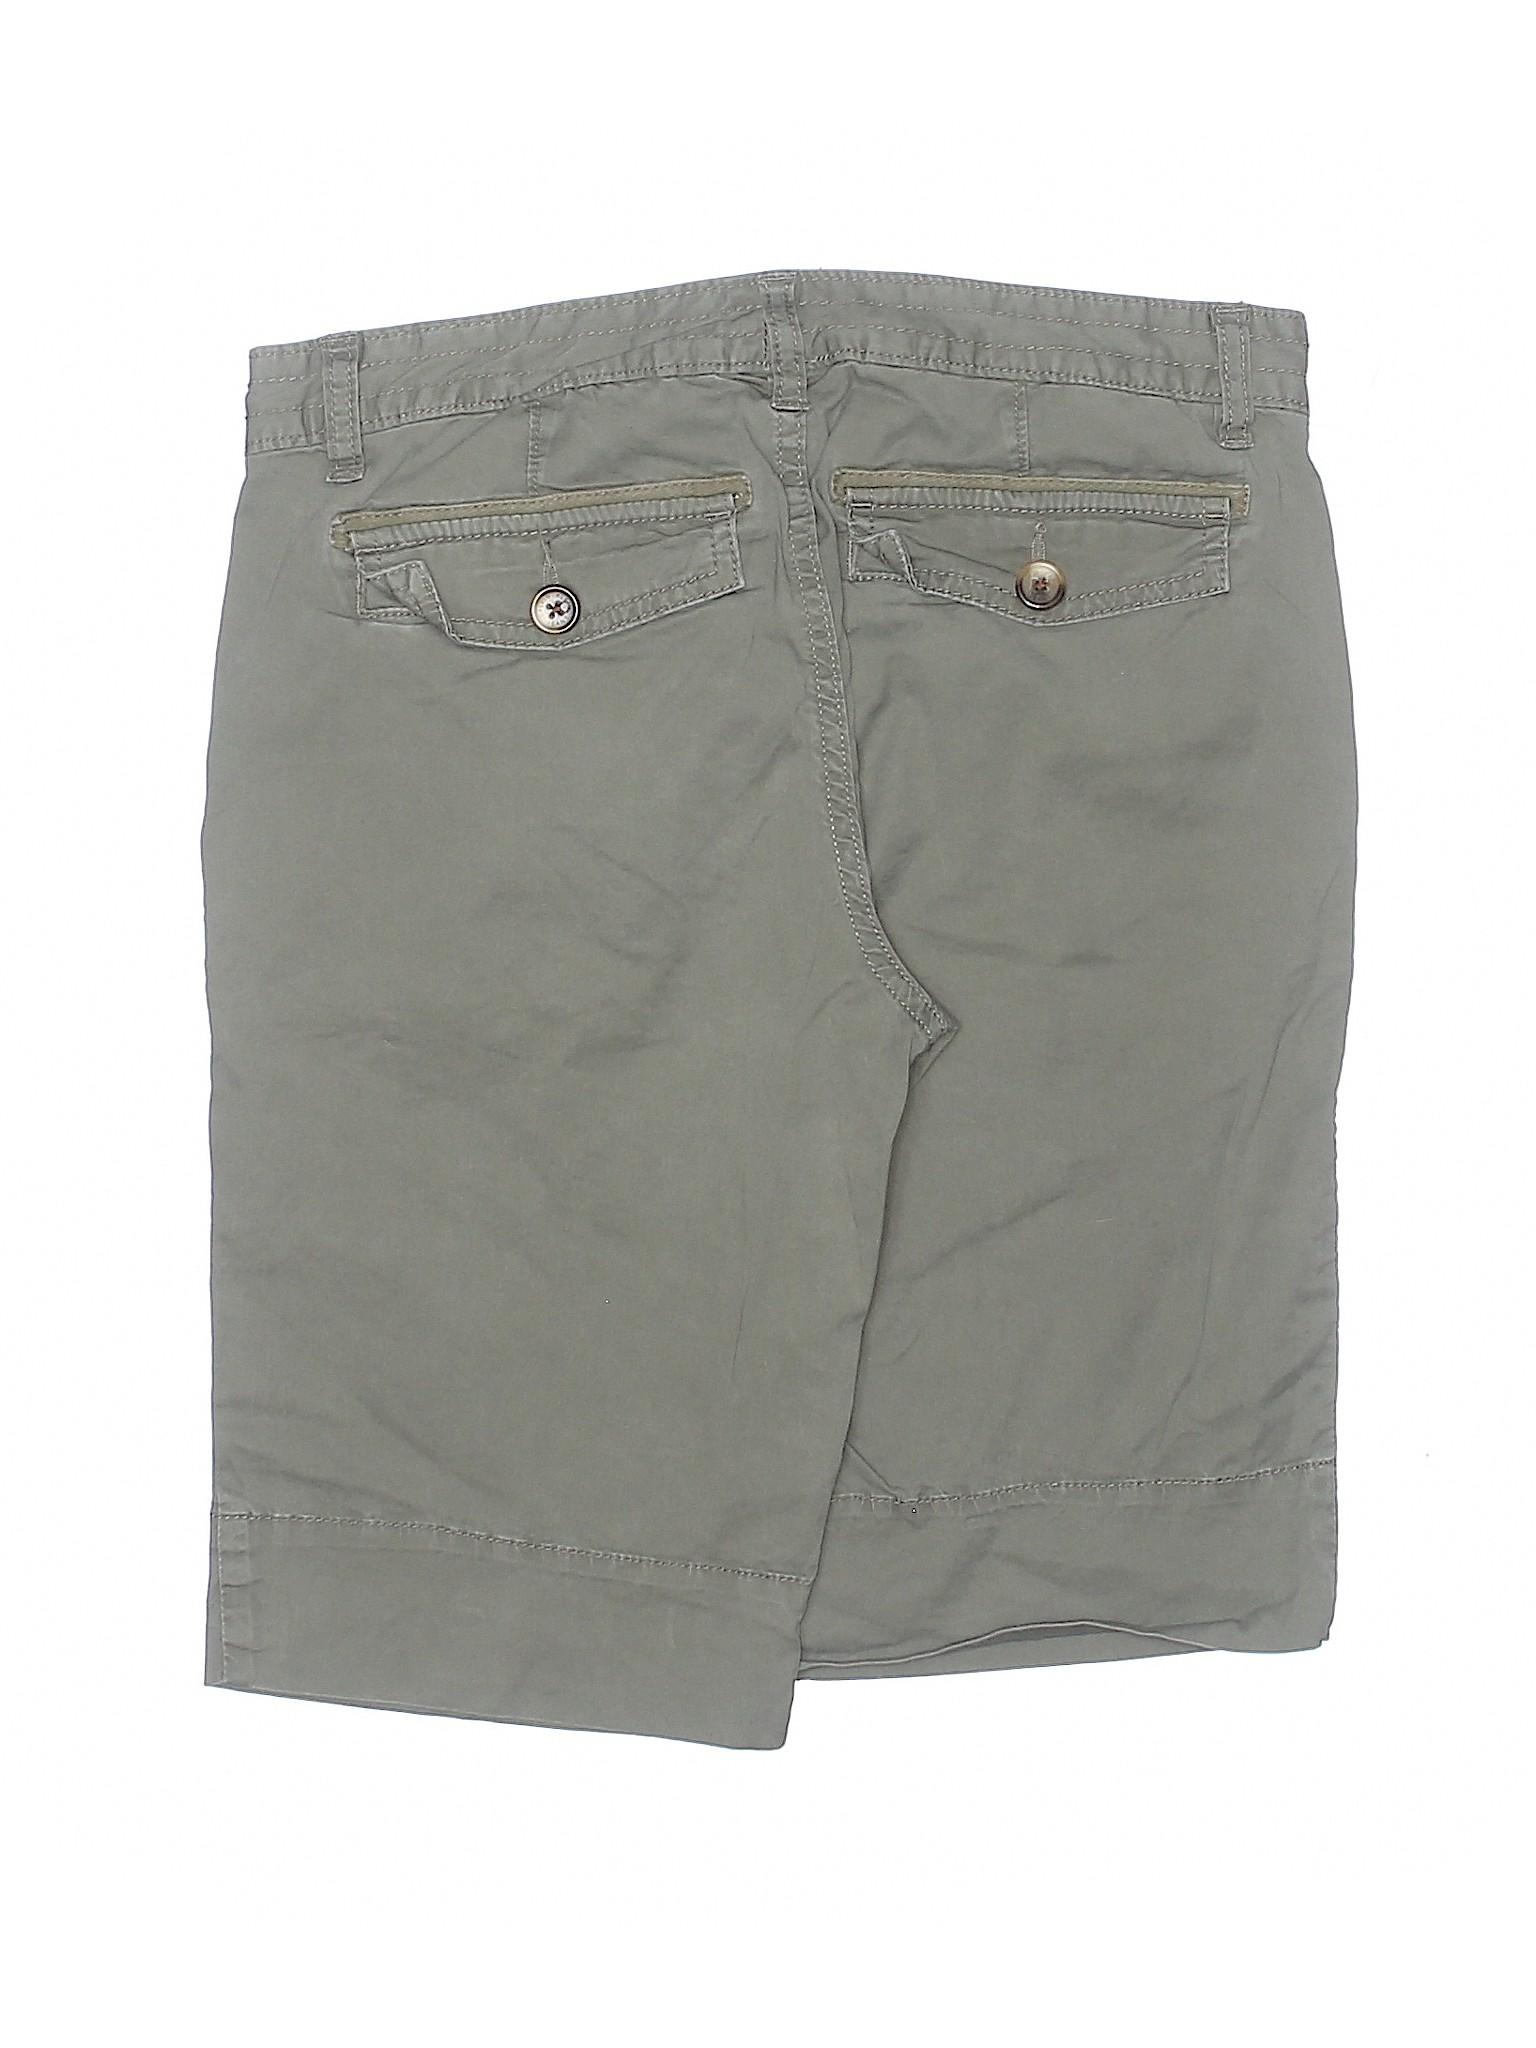 Calvin Boutique Boutique Klein Boutique Shorts Calvin Shorts Klein Calvin Shorts Klein f8faq